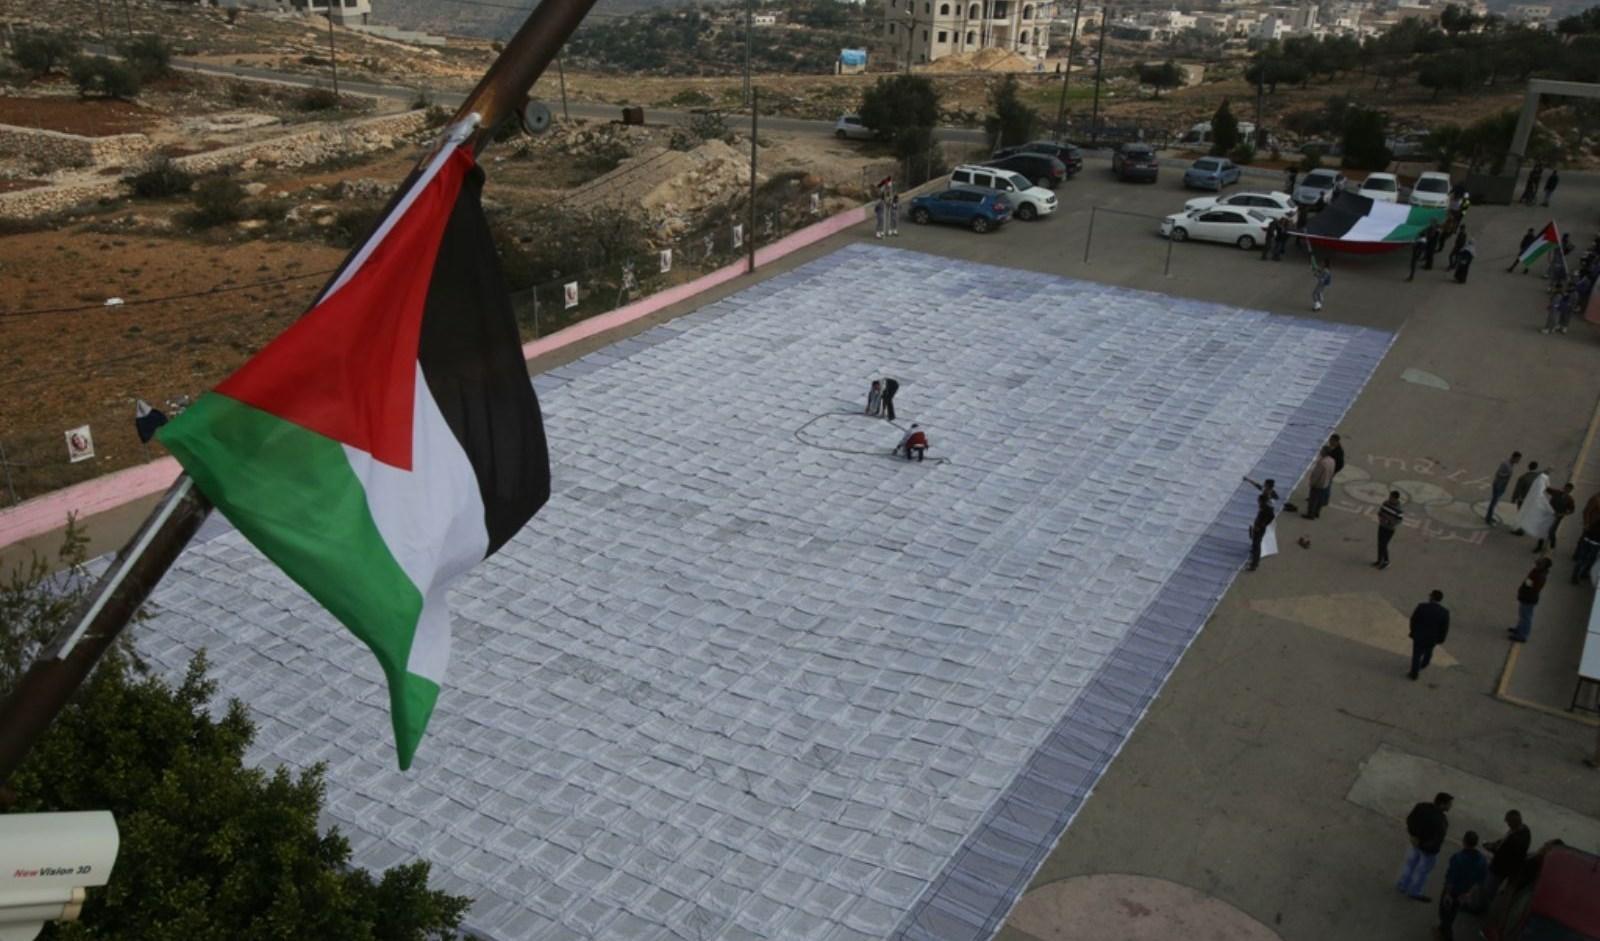 الخليل تحتضن أكبر كوفية فلسطينية في العالم